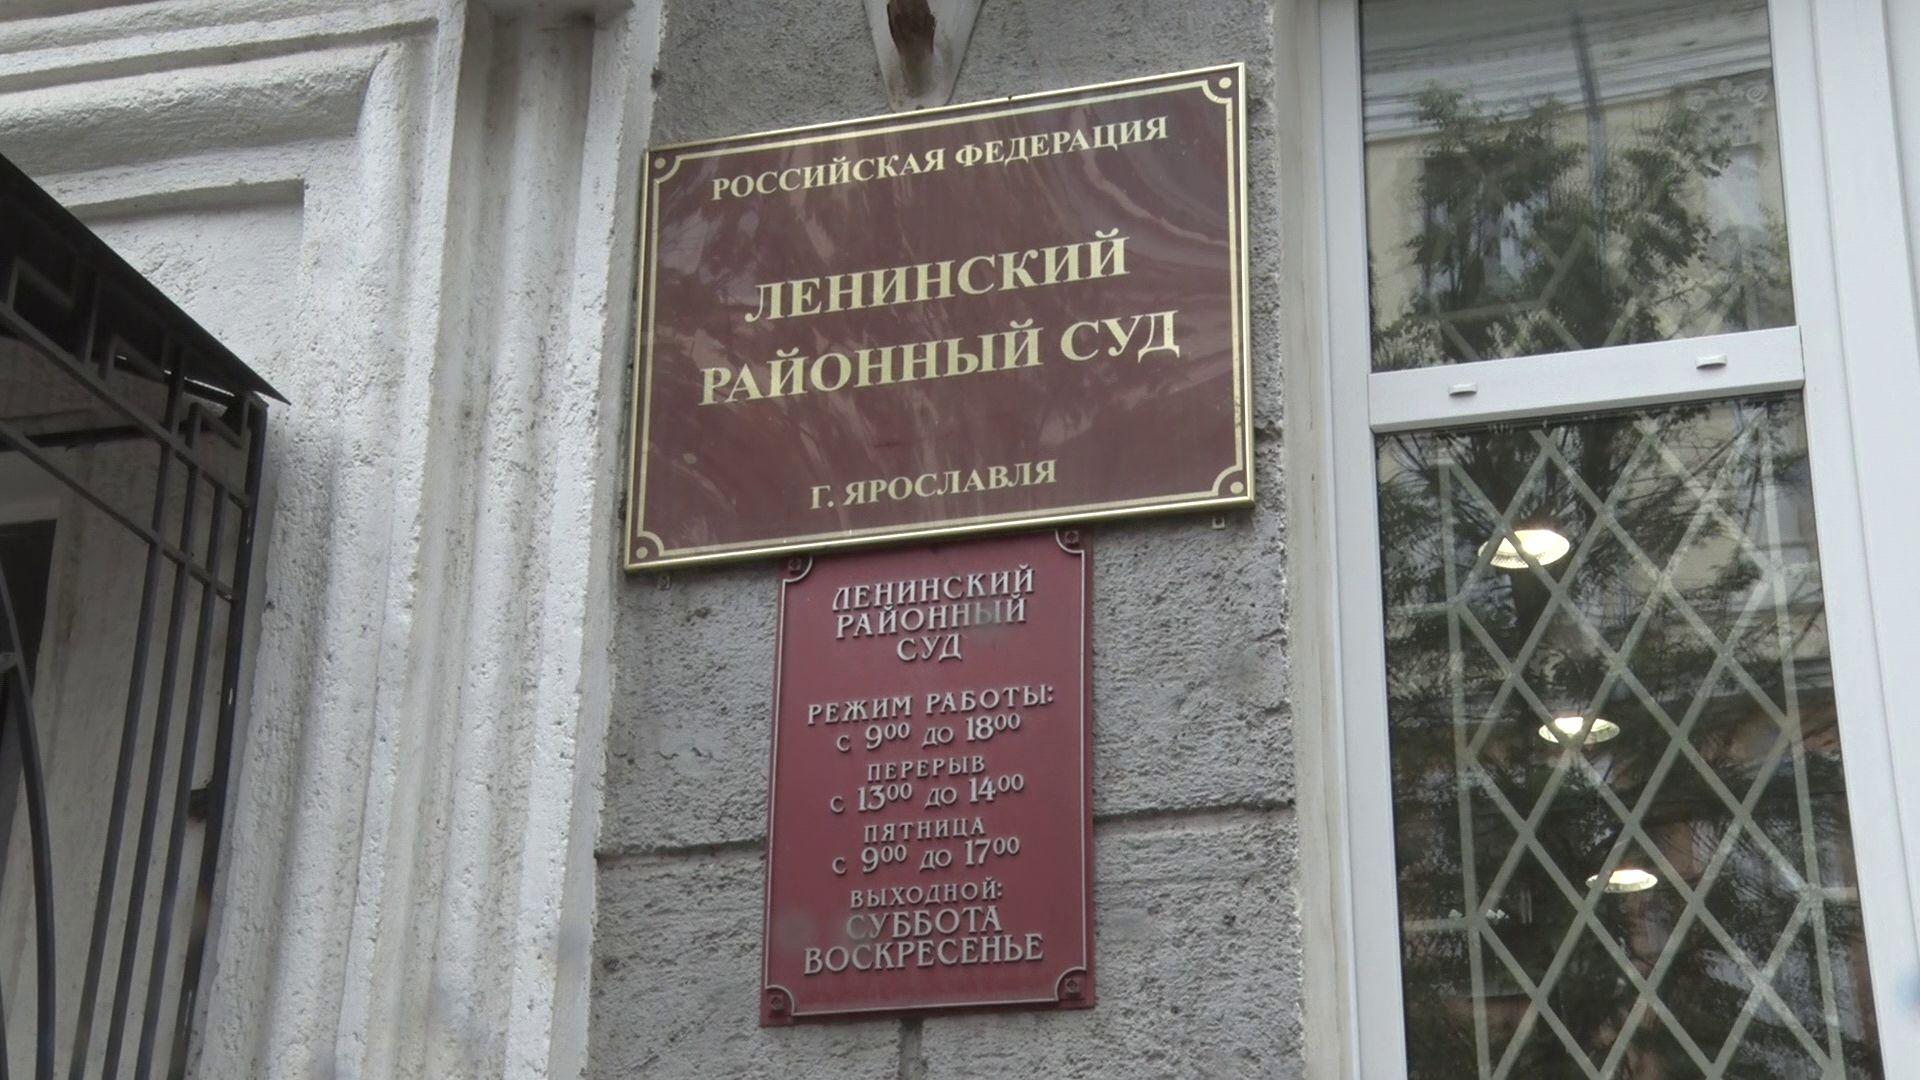 Состоялось первое заседание по делу дольщиков, обманутых при строительстве дома в деревне Пестрецово